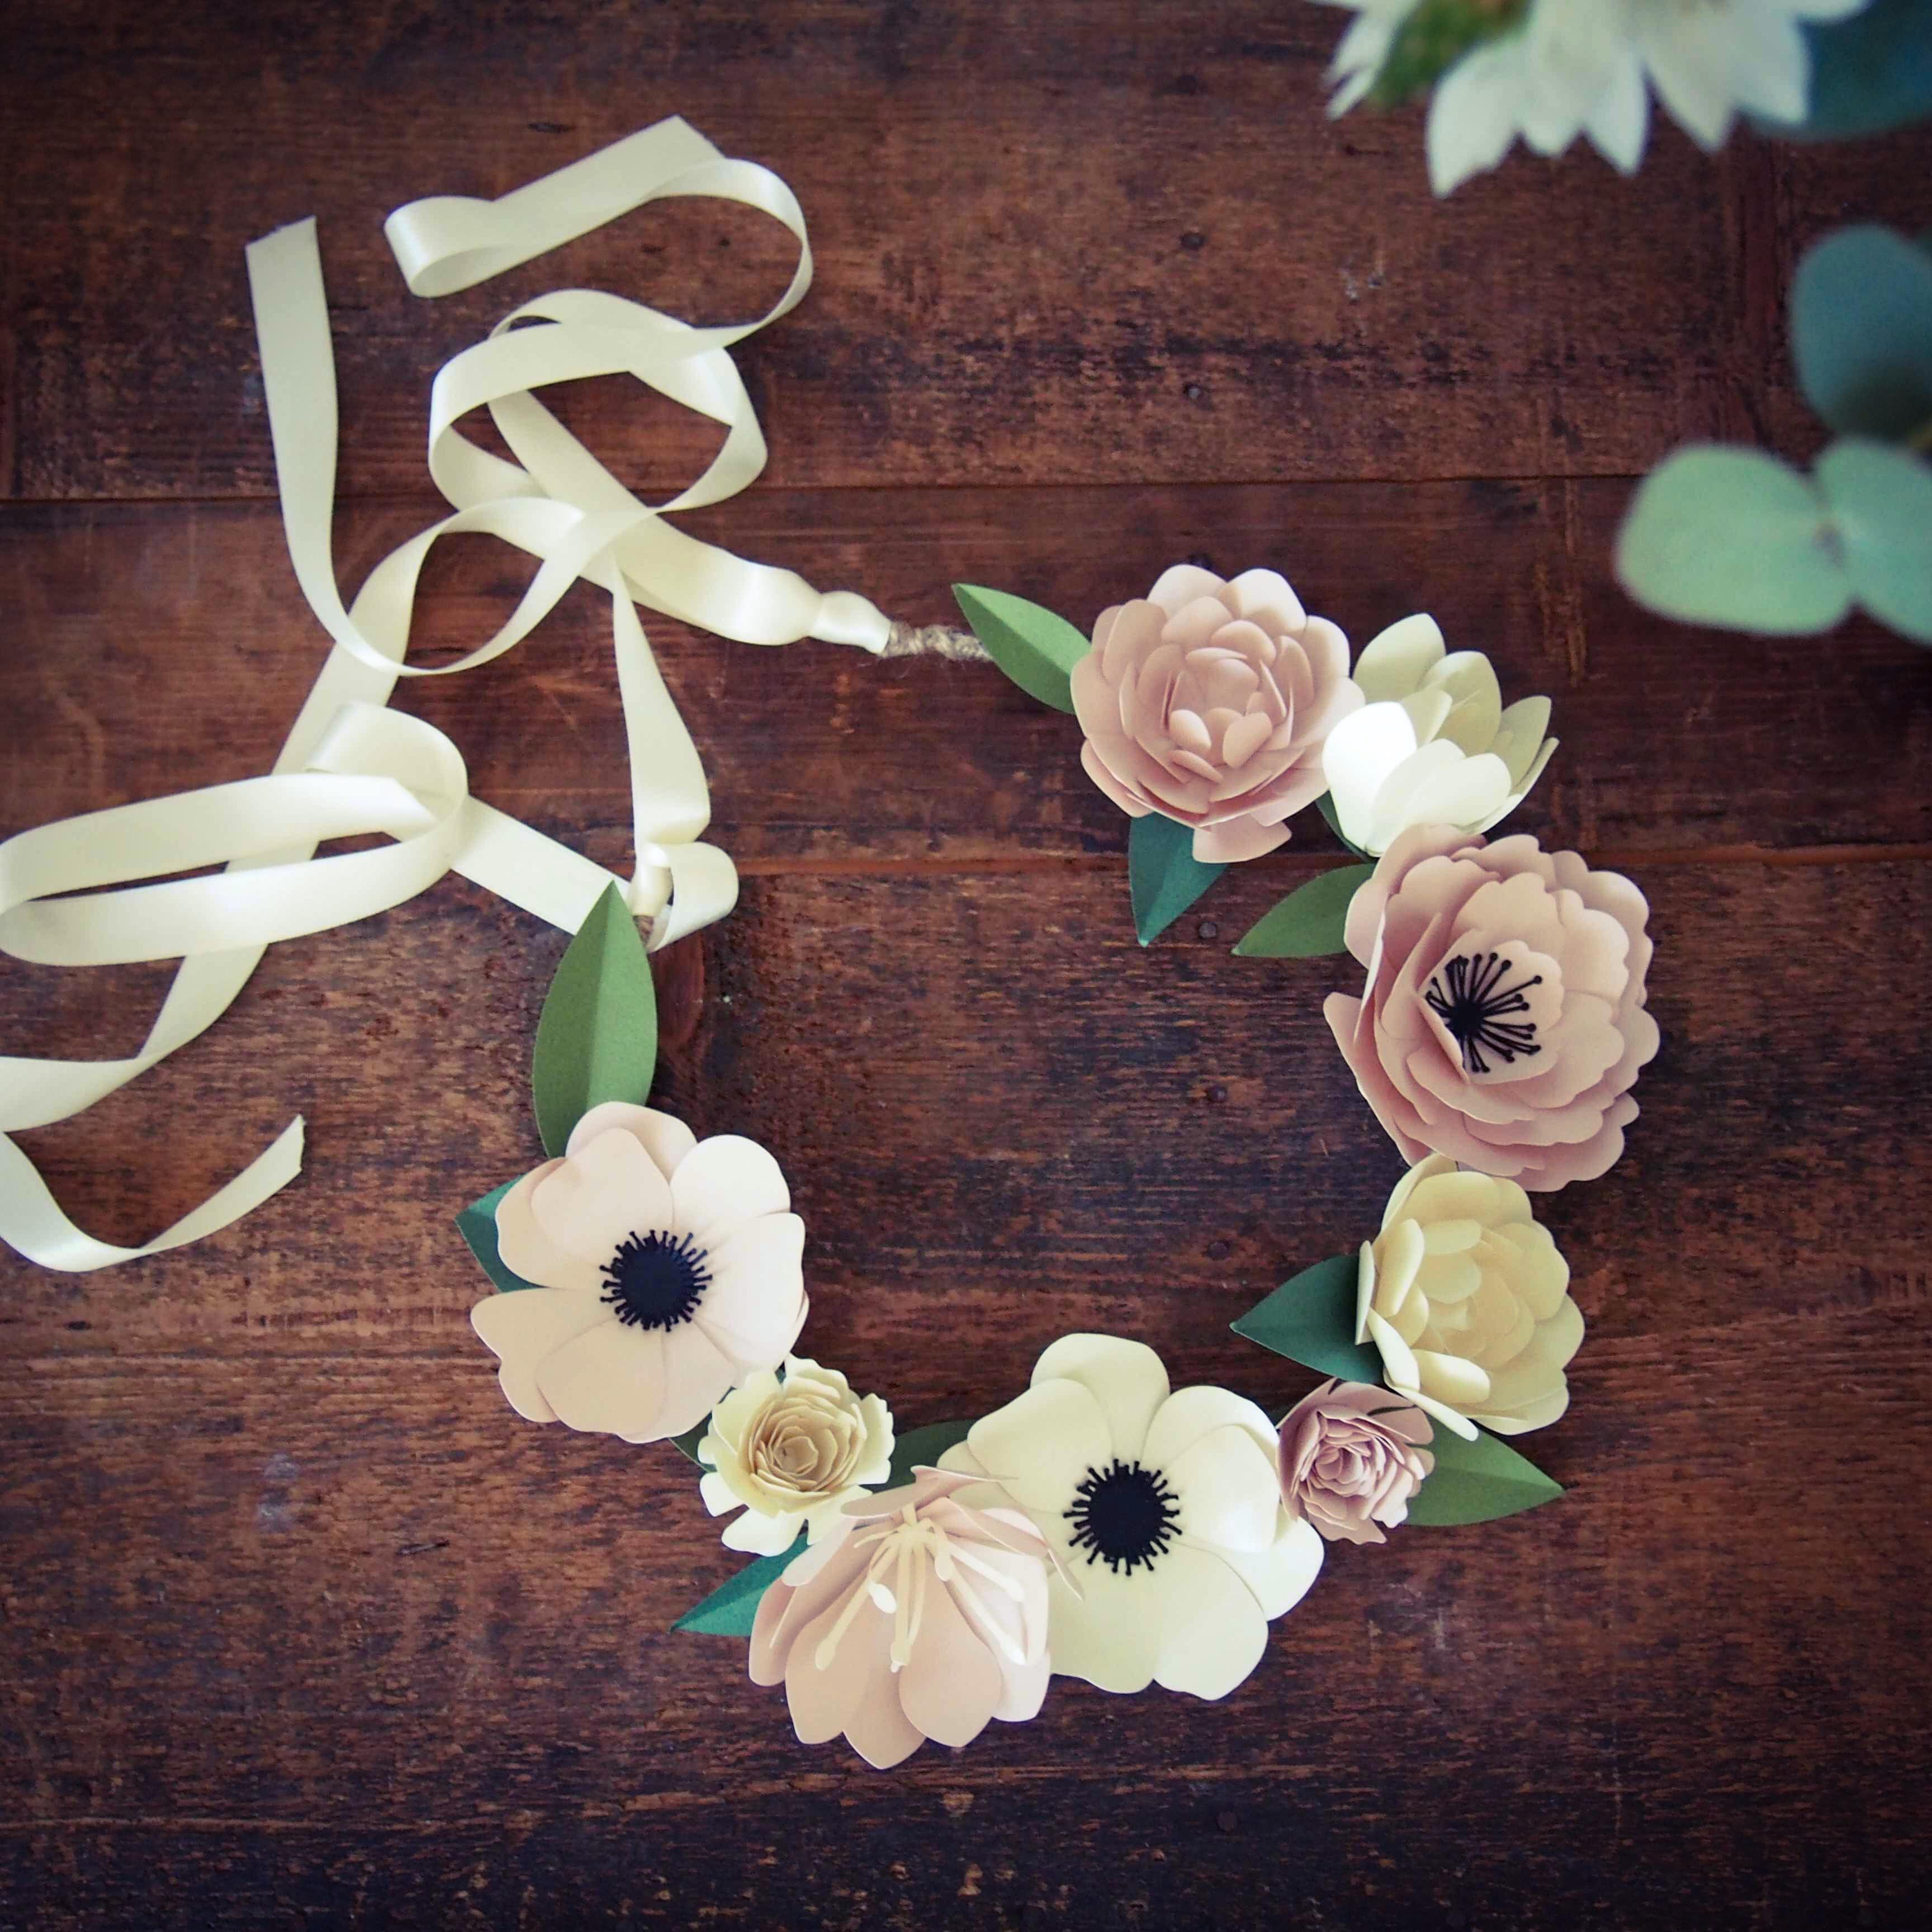 Ma couronne de fleurs rose caramelle carnet d 39 inspiration - Diy couronne de fleurs ...